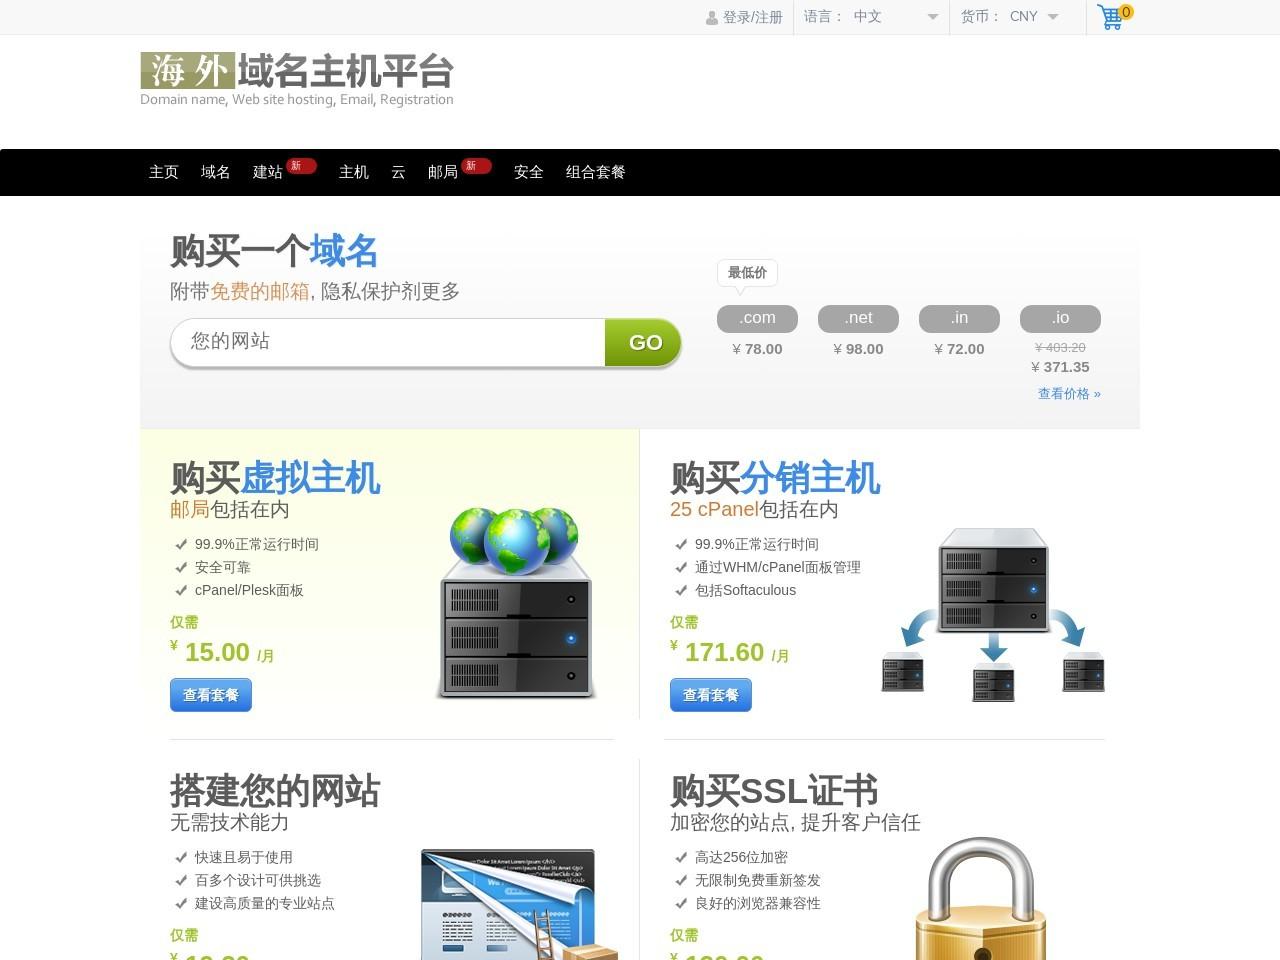 海外域名主机平台